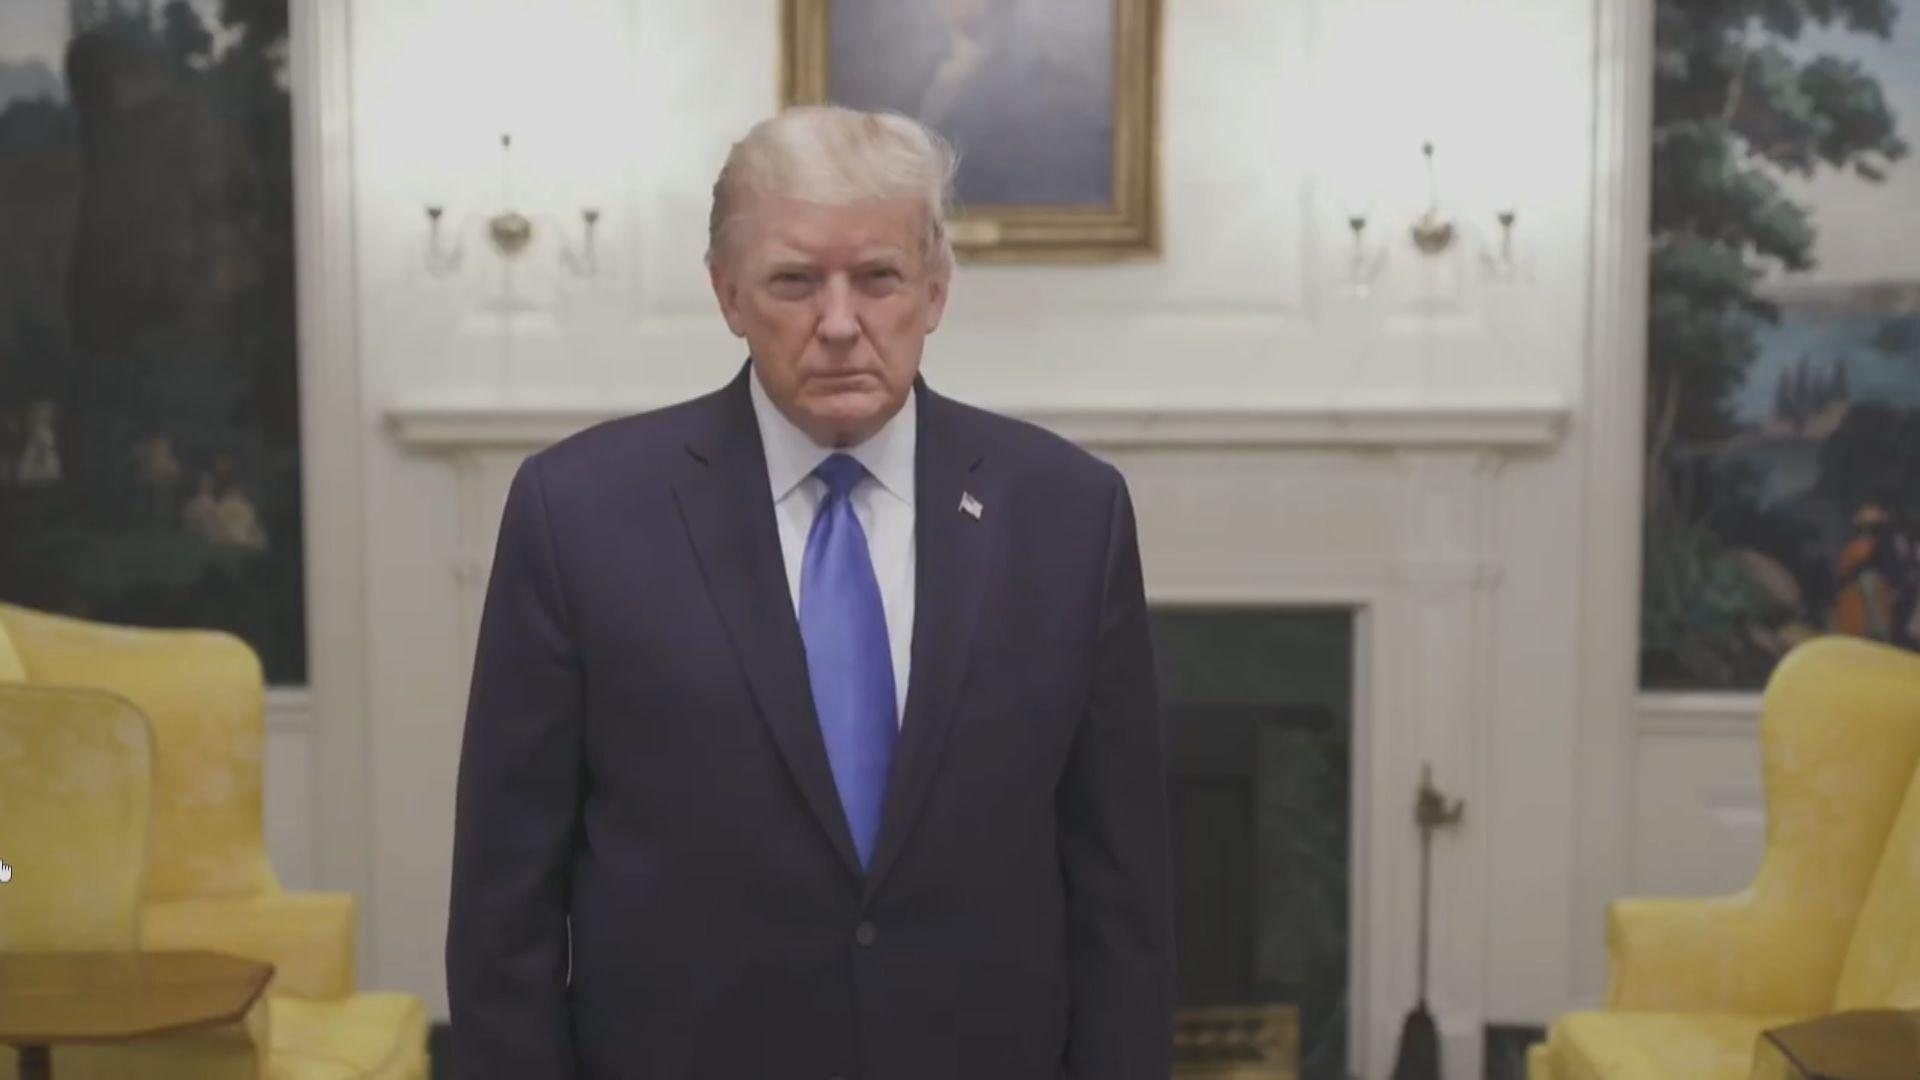 據報特朗普呼吸困難 白宮官員深感憂慮